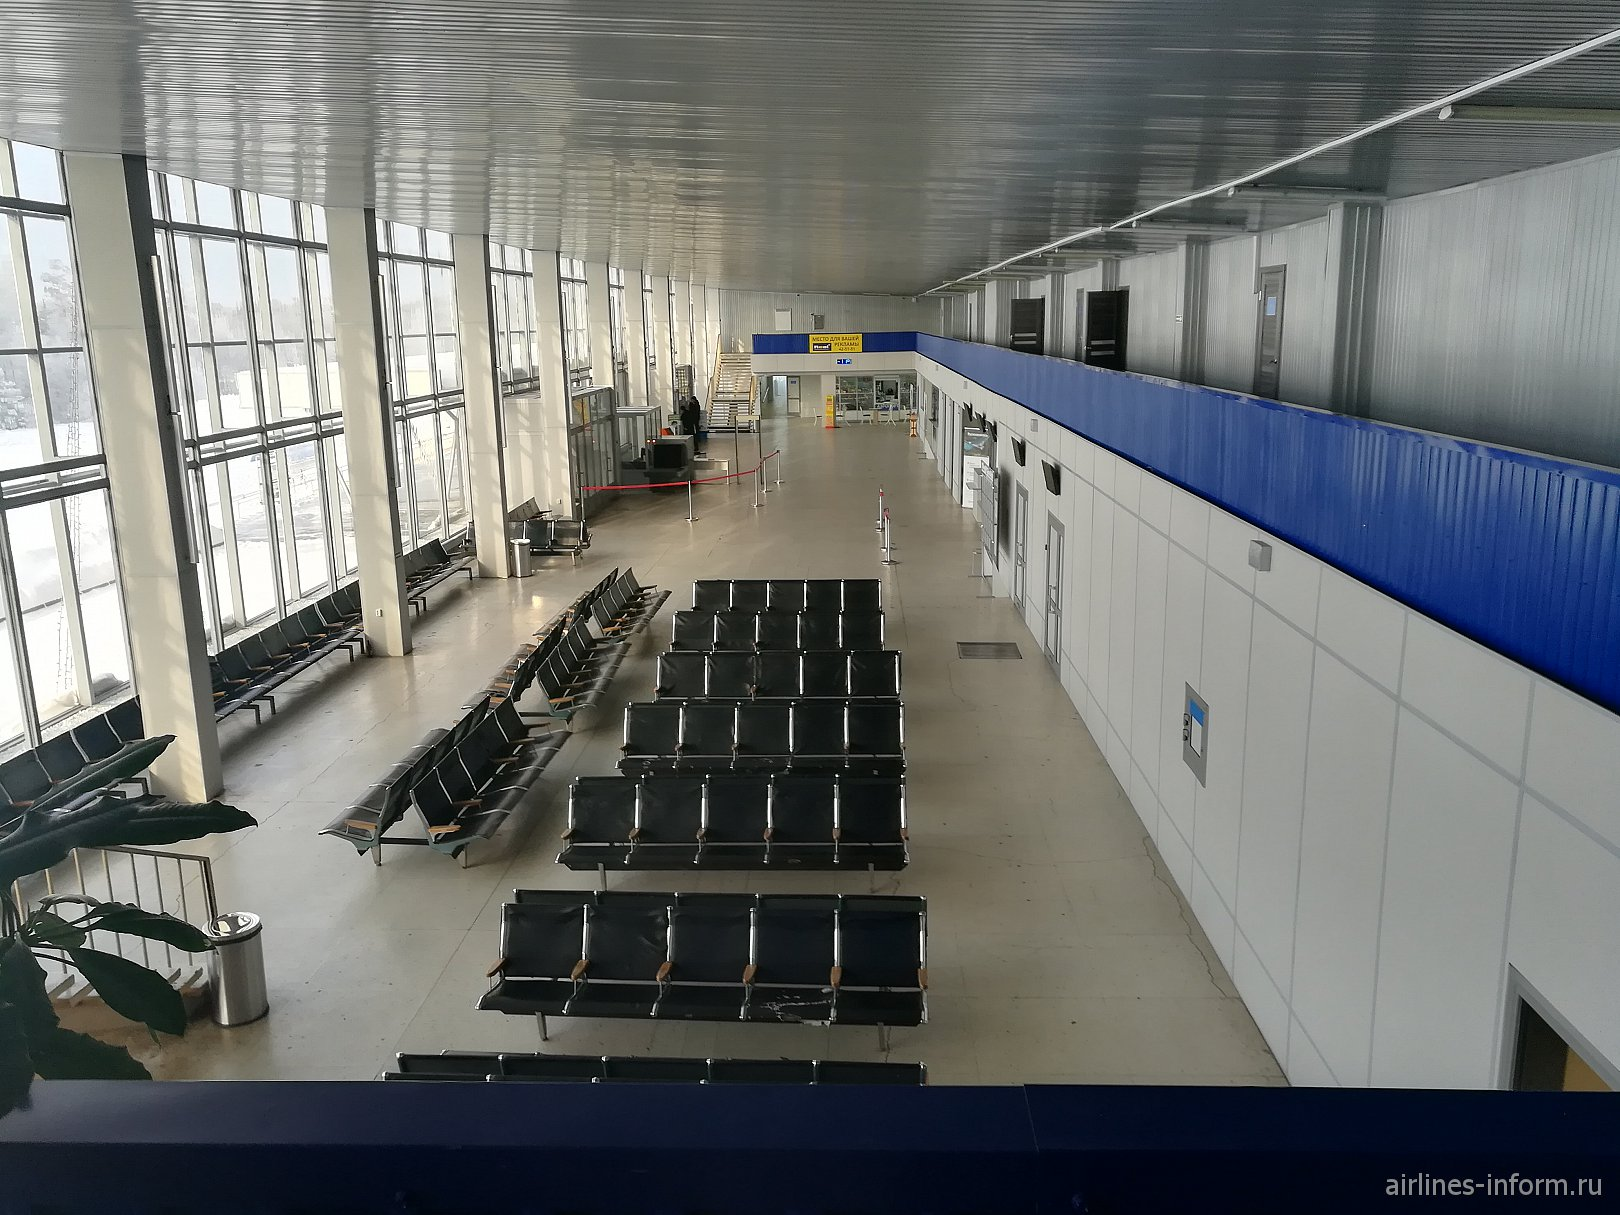 Общий вид аэровокзала аэропорта Братск